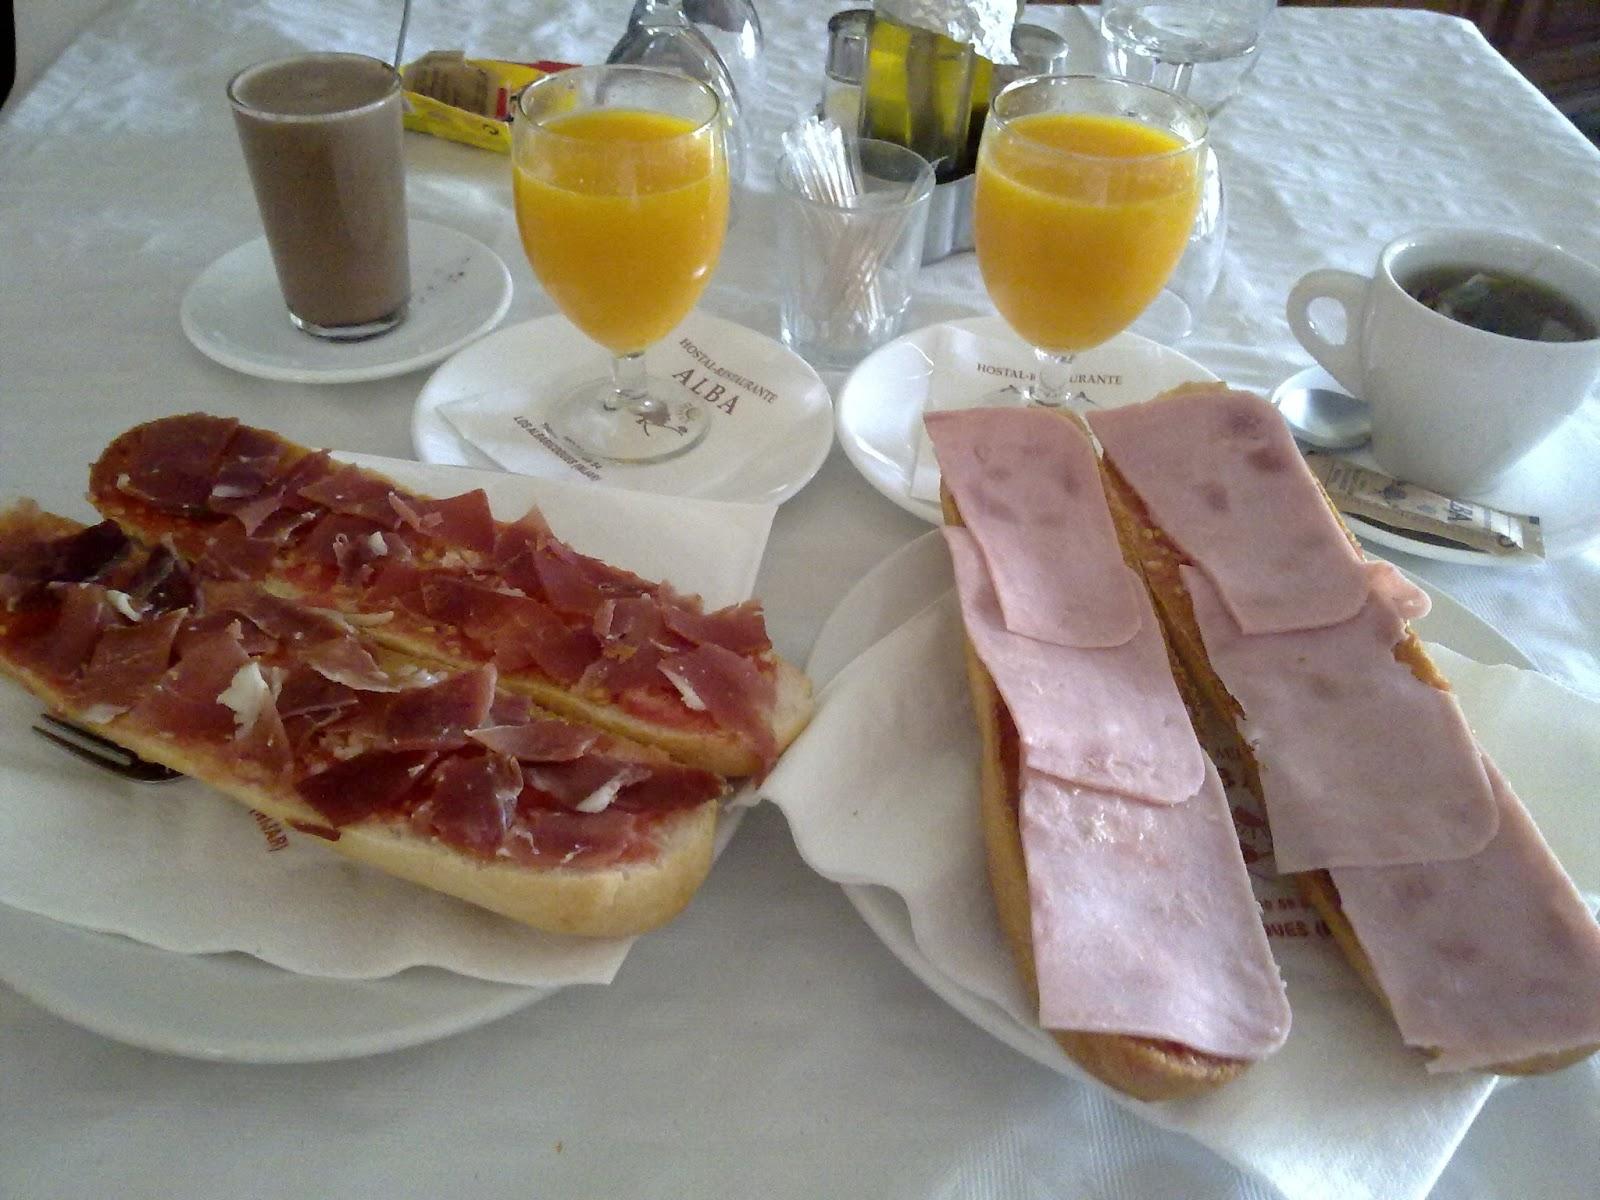 ... buenos días ¡¡¡  tarde y noche ¡¡¡... - Página 2 020-desayuno-hostal-alba-los-albaricoques-almeria-nijar-cabo-de-gata